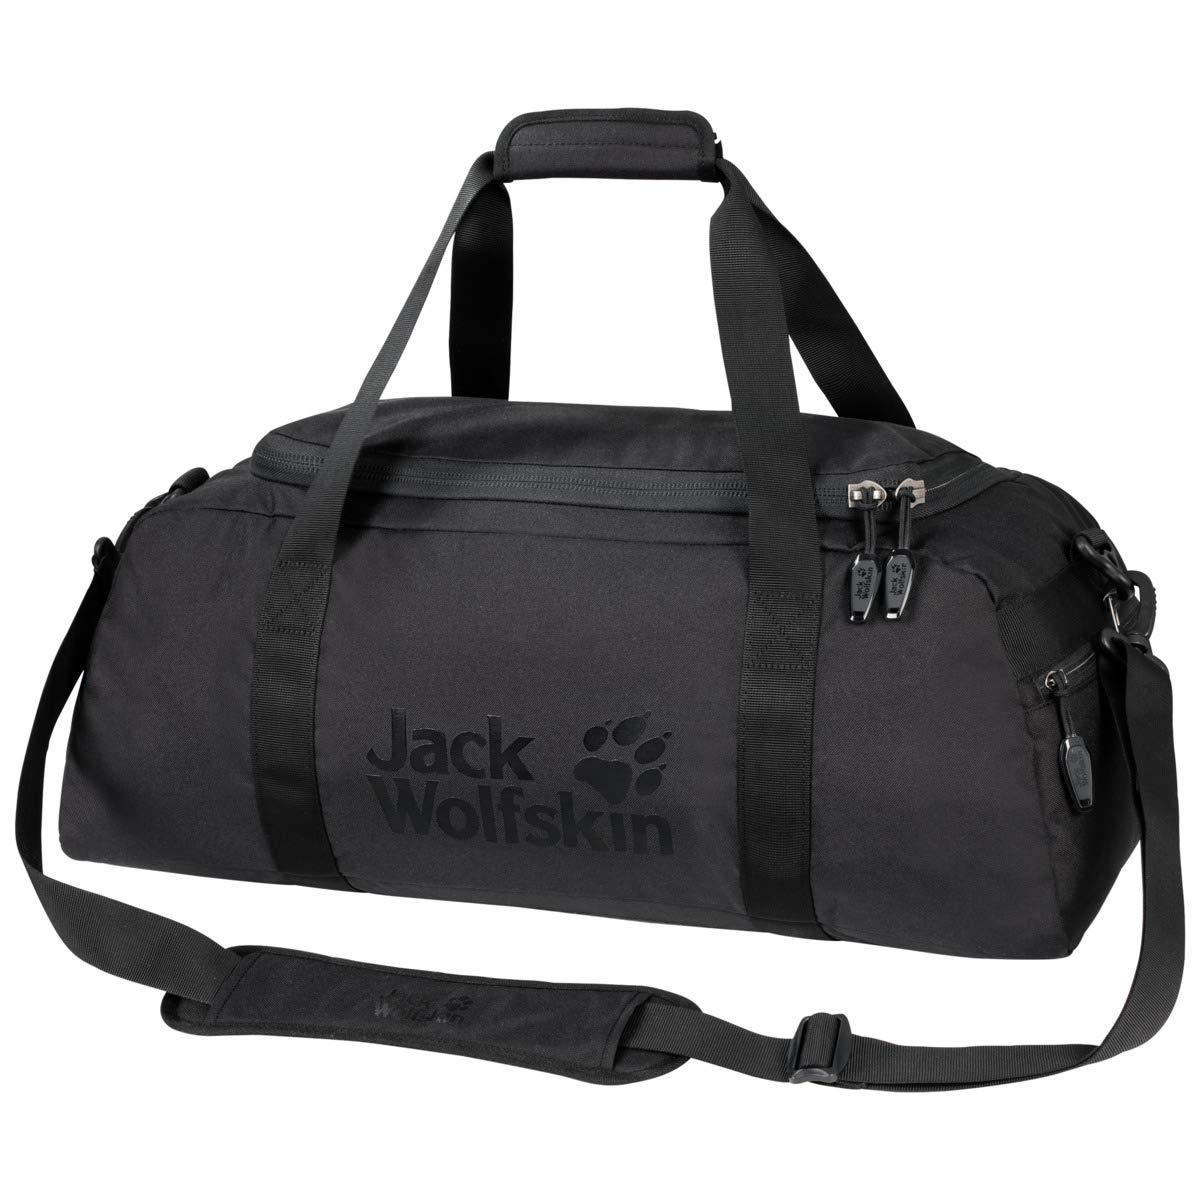 Jack Wolfskin Action Bag 35l Sports Duffle Bag, Black